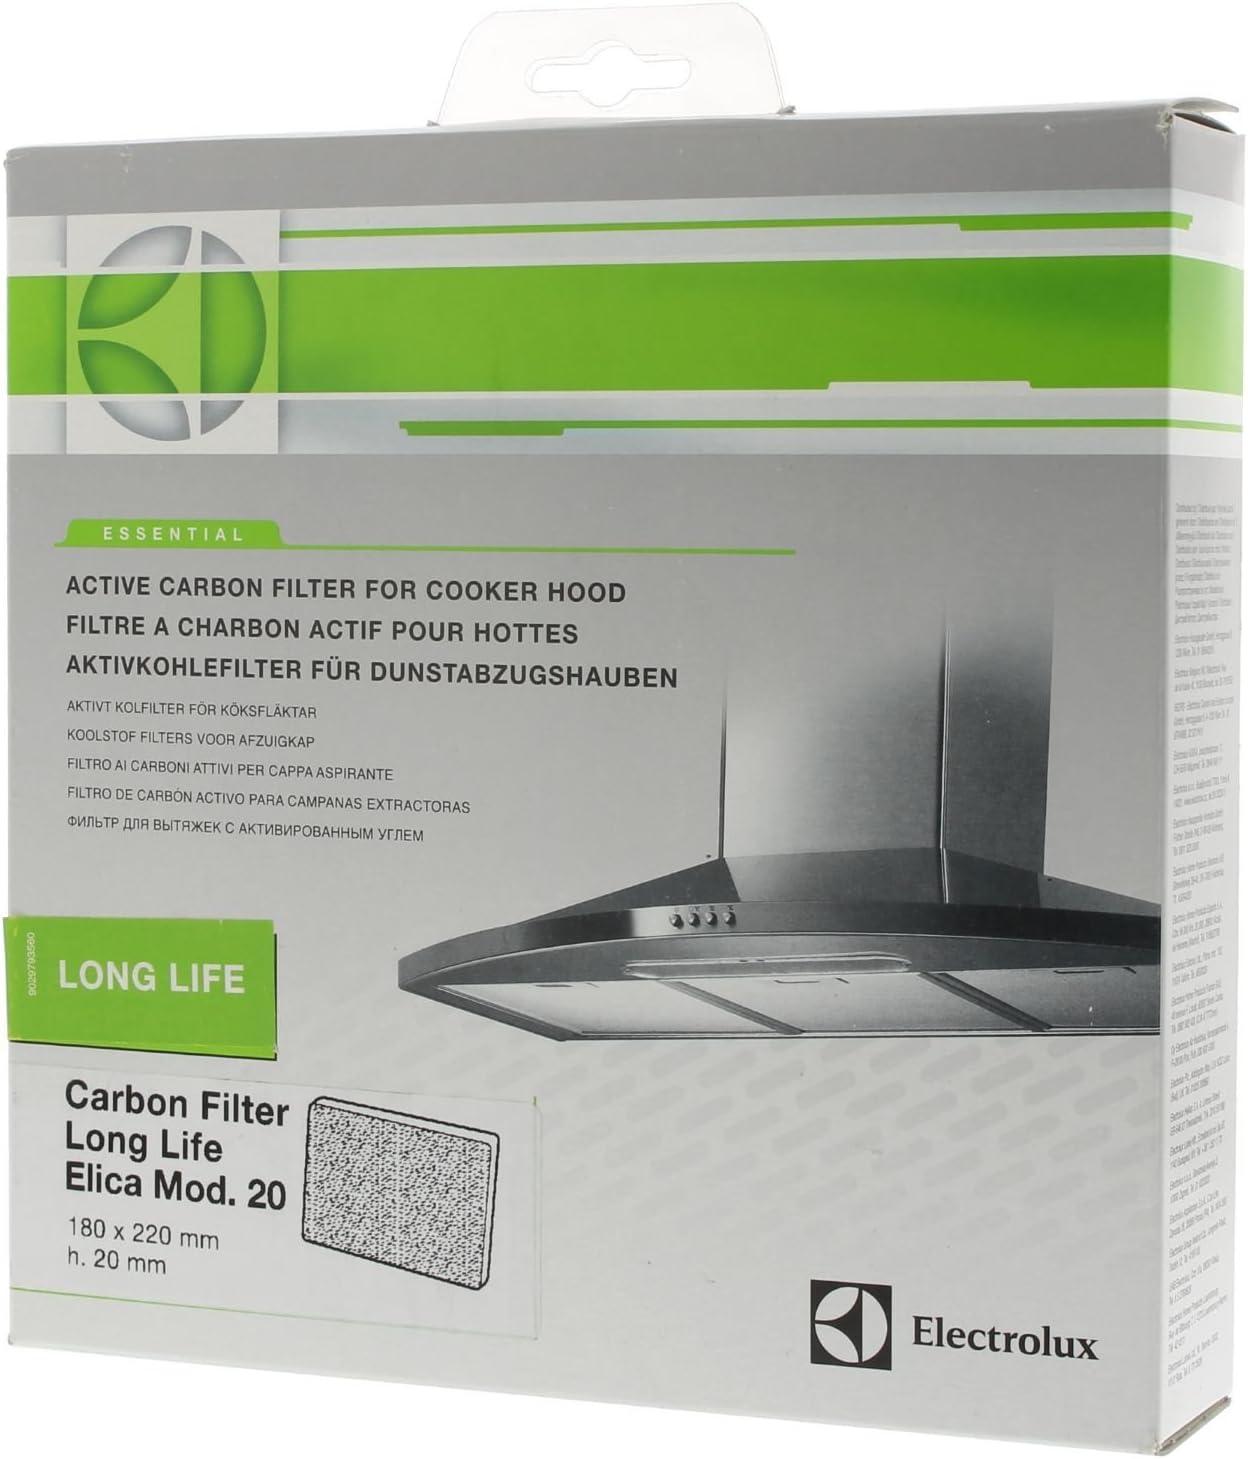 AEG 9029793560 Filtro para campana extractora: Amazon.es: Grandes electrodomésticos